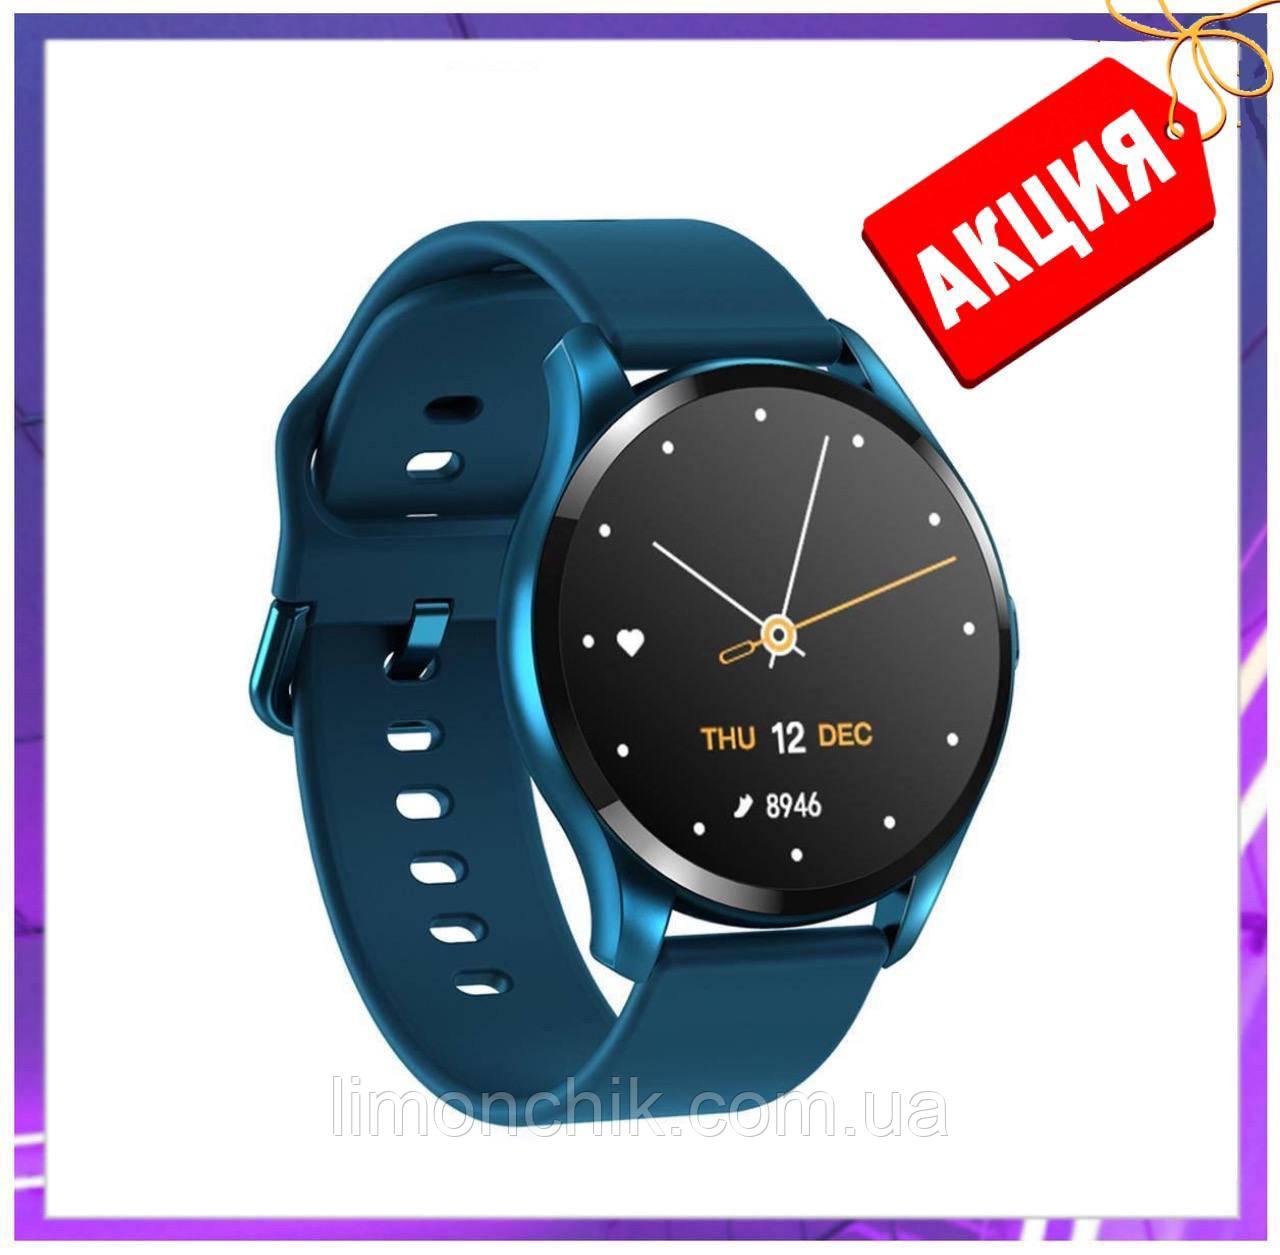 Смарт розумні годинник Smart Watch ZX-02 жіночі з датчиком пульсу і тиску сенсорні наручний годинник фітнес-трекер